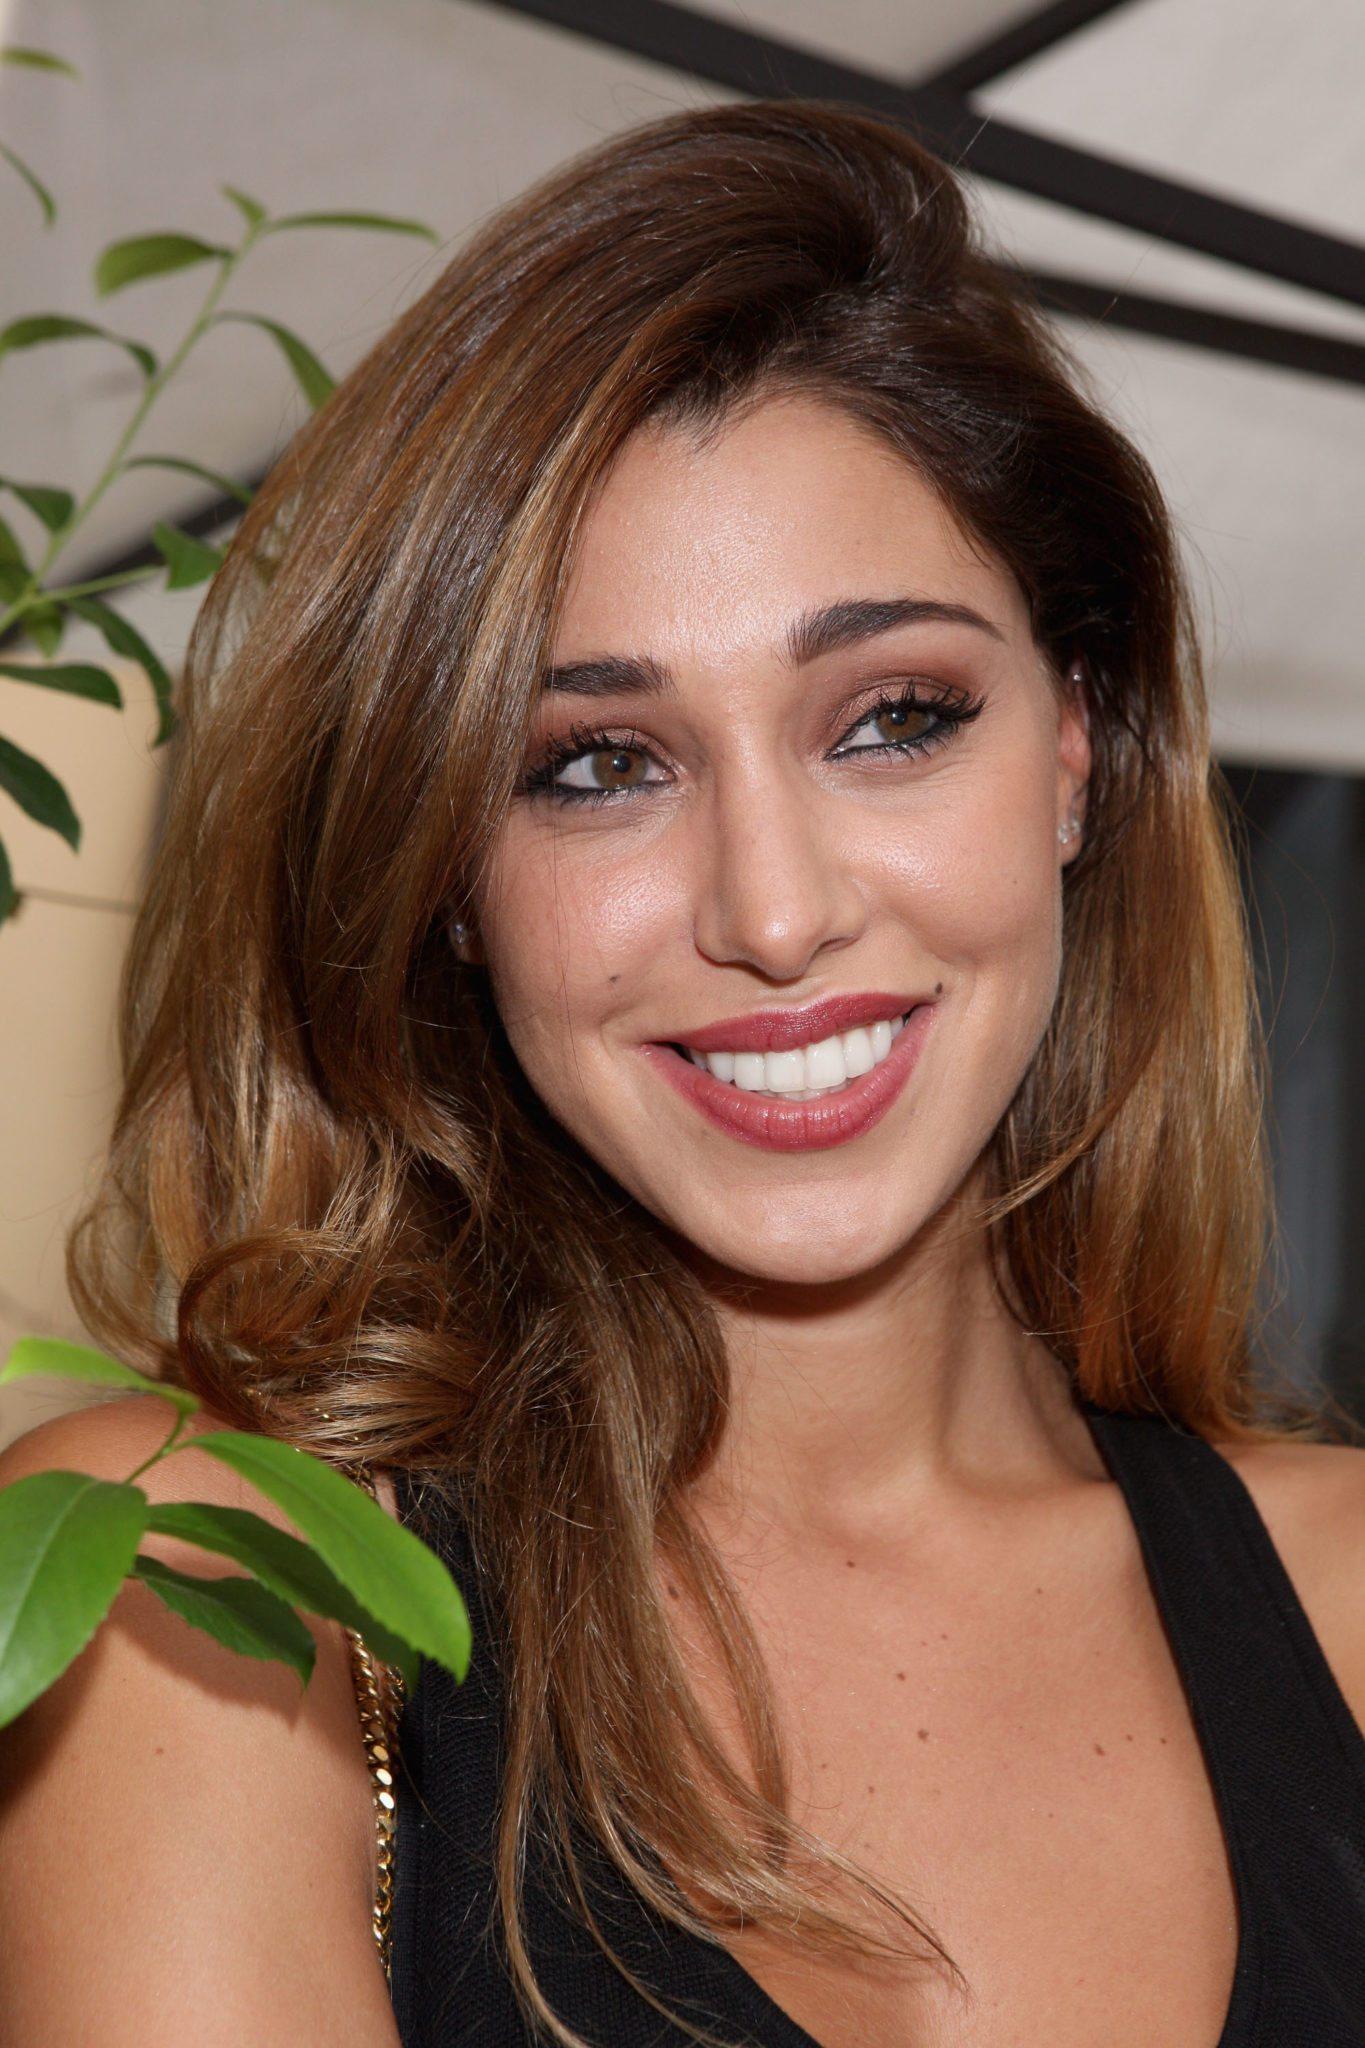 Belen Rodriguez - New Photos